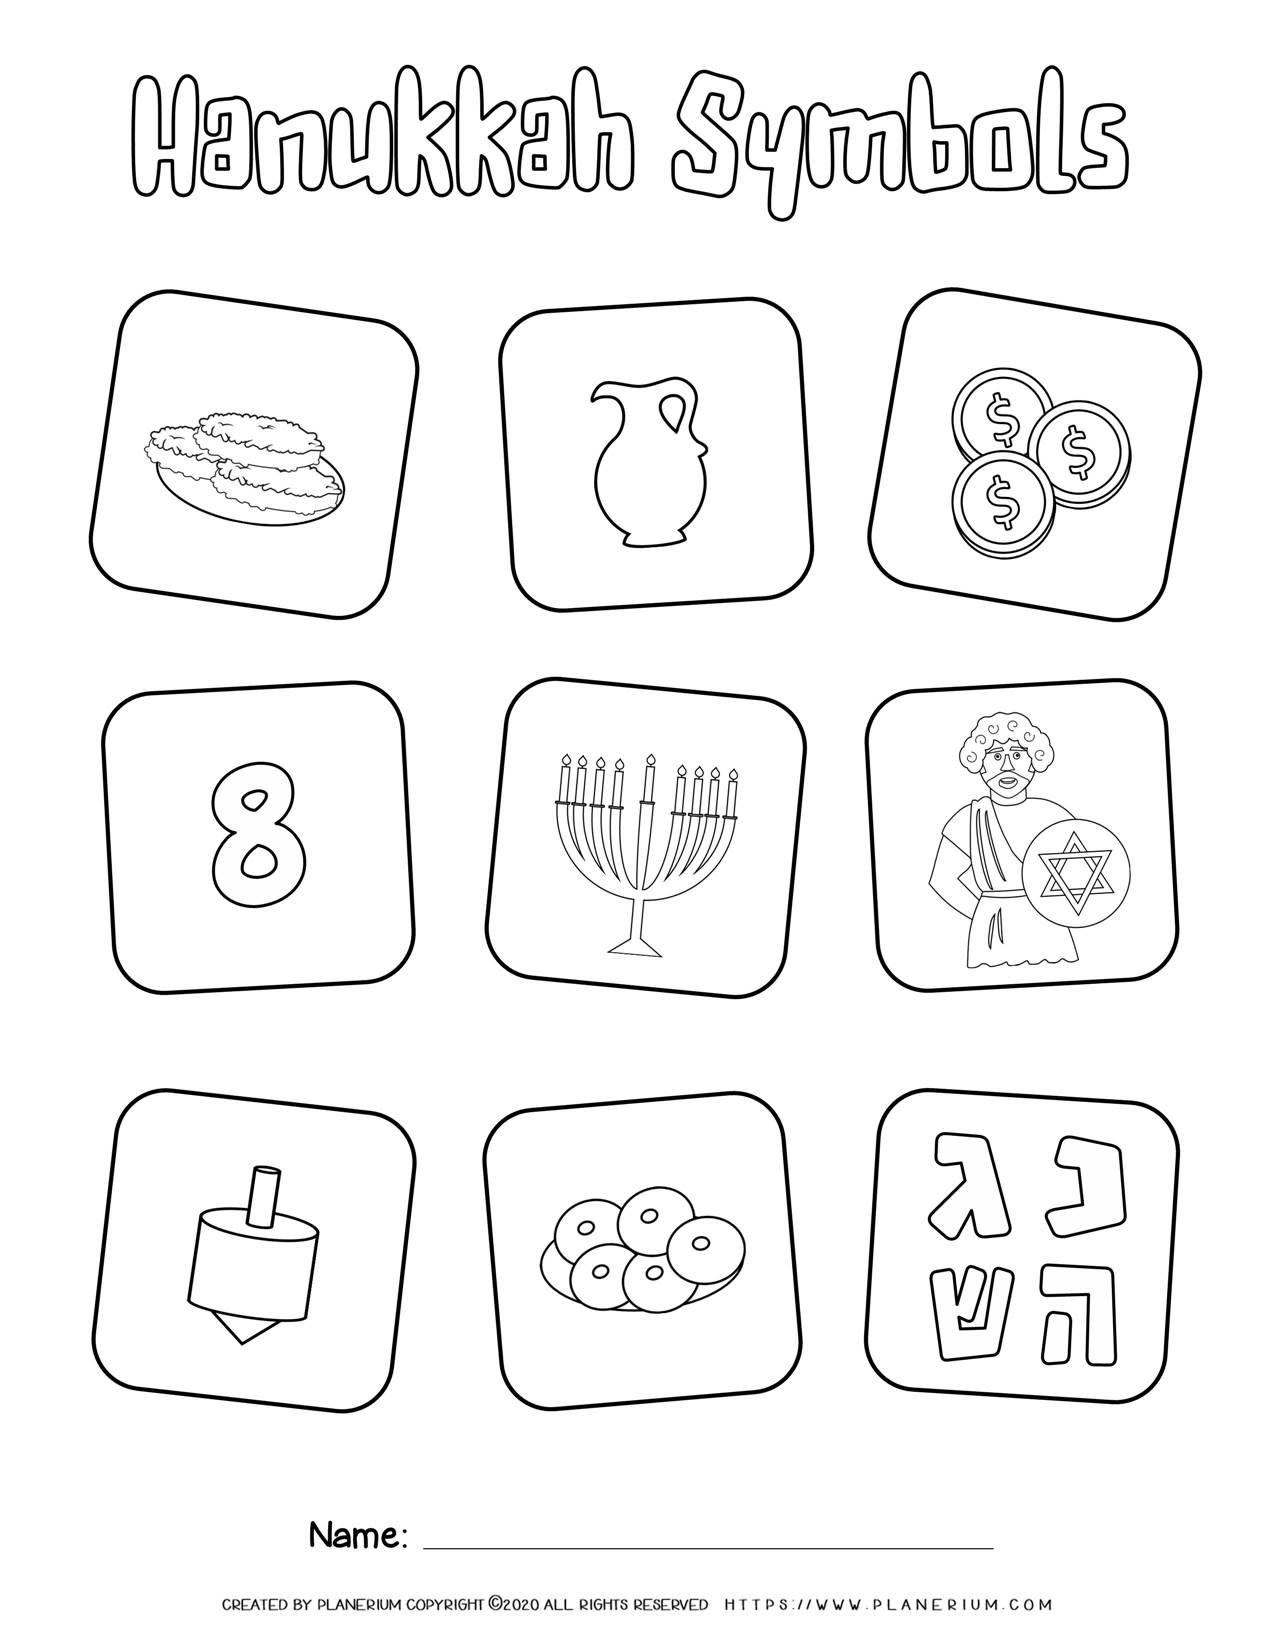 Hanukkah Symbols - Free Coloring Page | Planerium